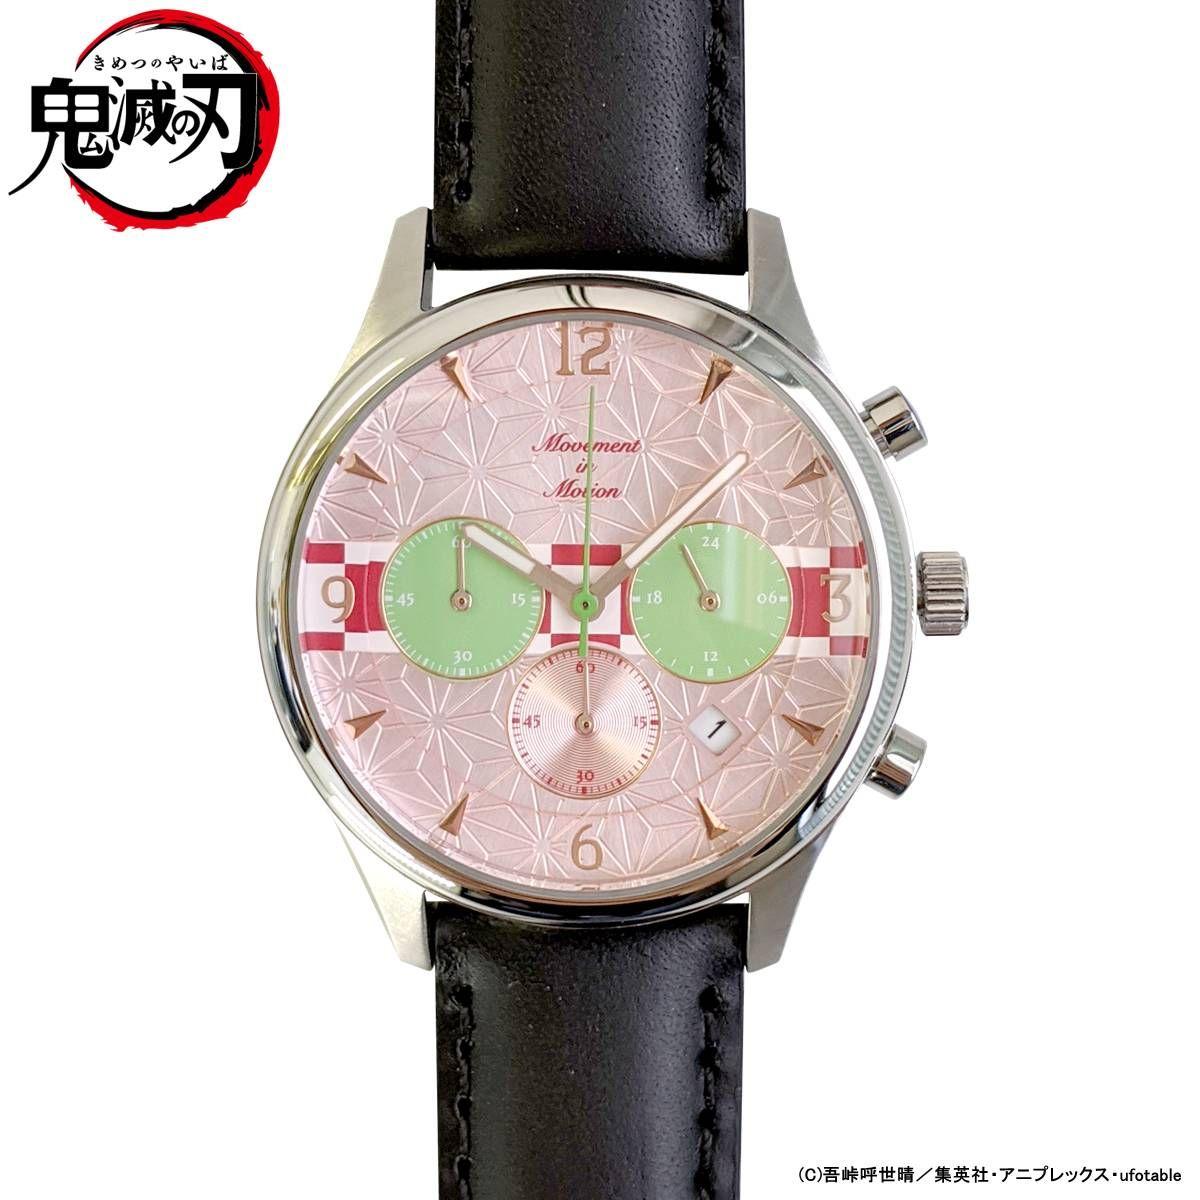 【限定販売】鬼滅の刃『TiCTACコラボレーションデザインウォッチ』腕時計-003